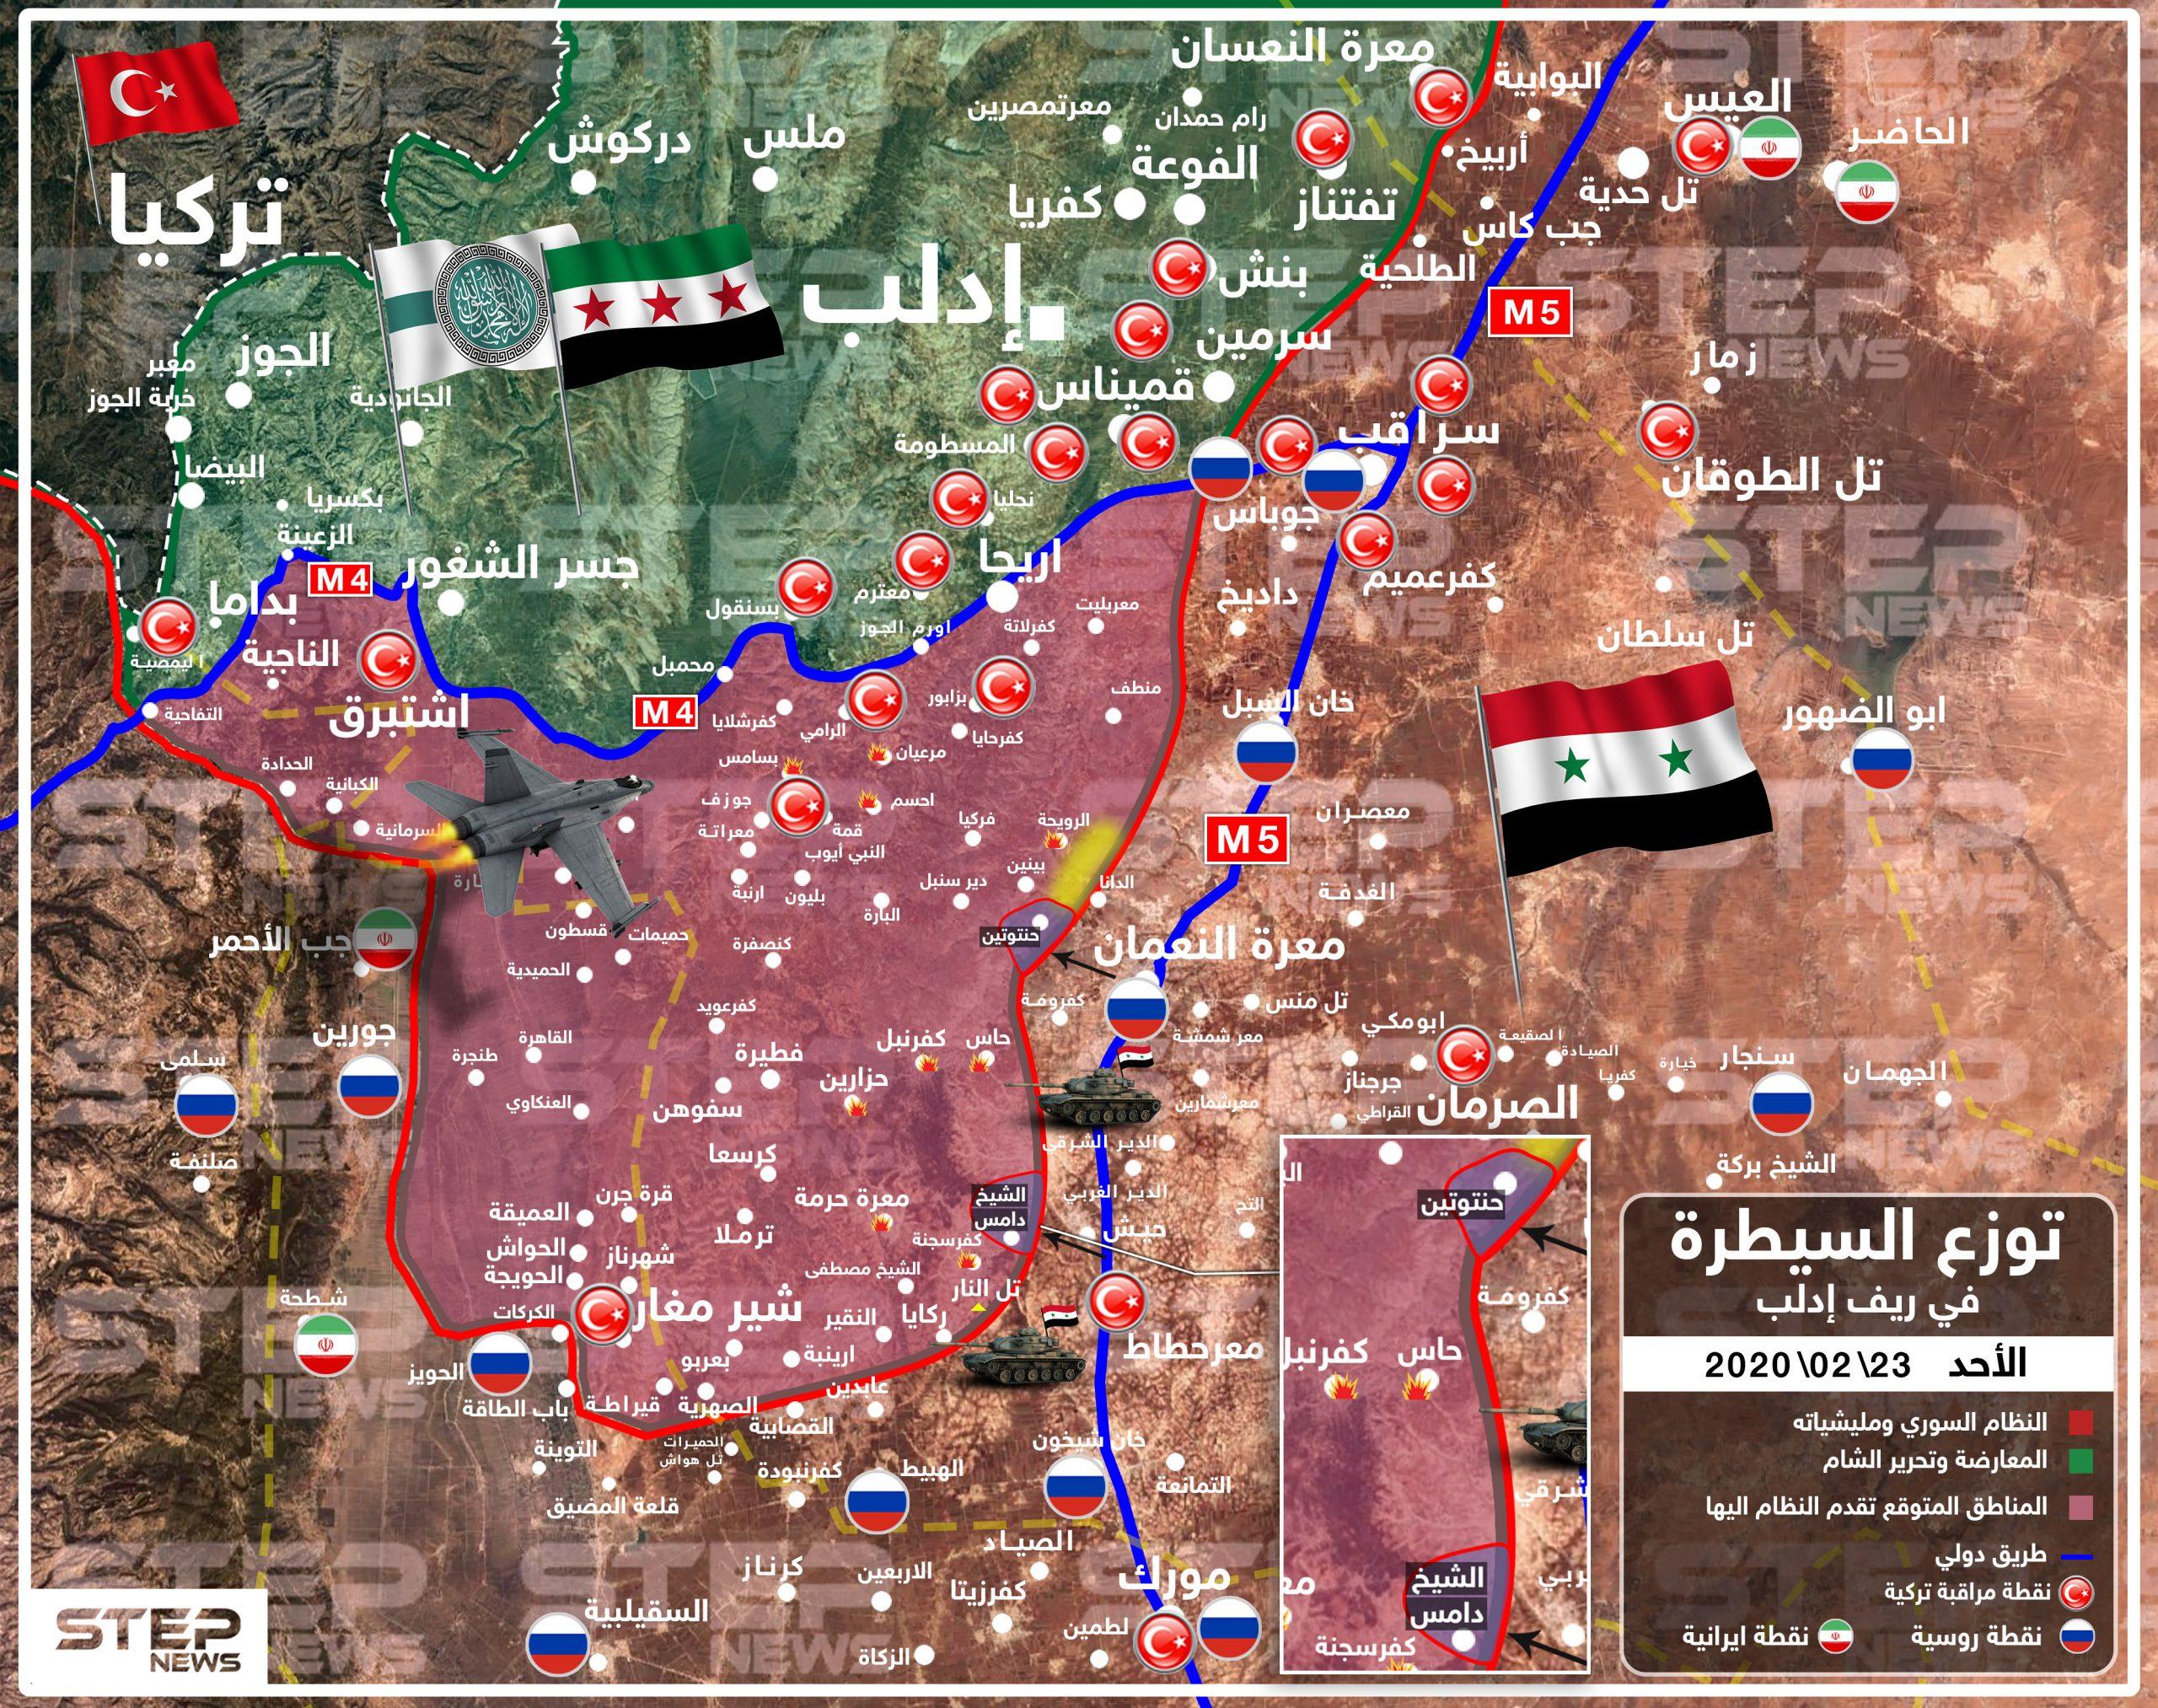 خريطة لتقدم النظام السوري جنوب إدلب والمناطق التي يسعى للسيطرة عليها جنوب الطريق الدولي M4